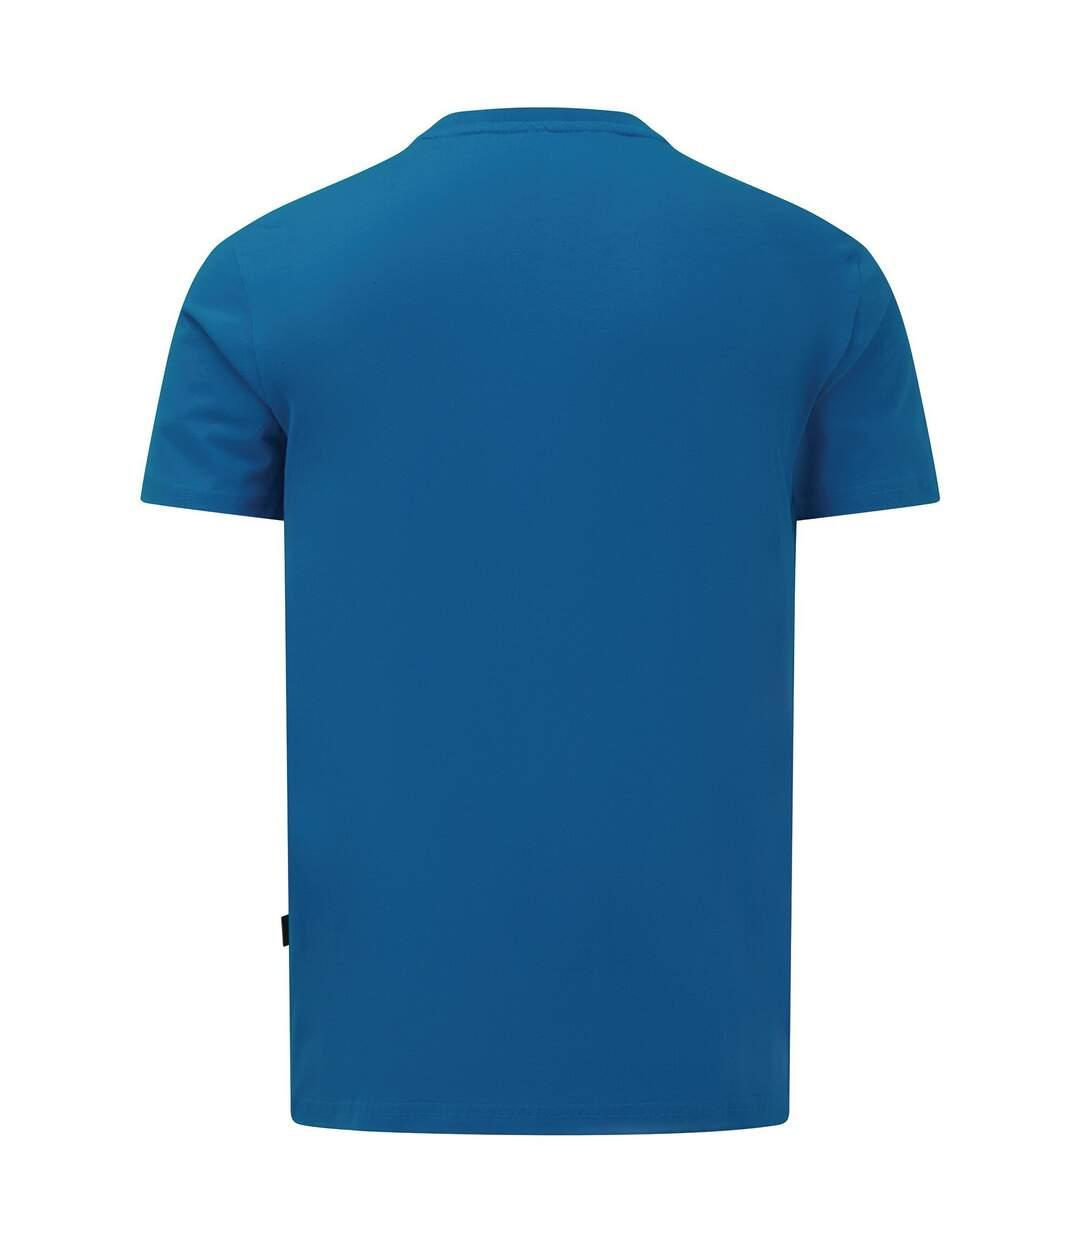 Dare 2B - T-shirt DEVOUT - Homme (Bleu) - UTRG5550